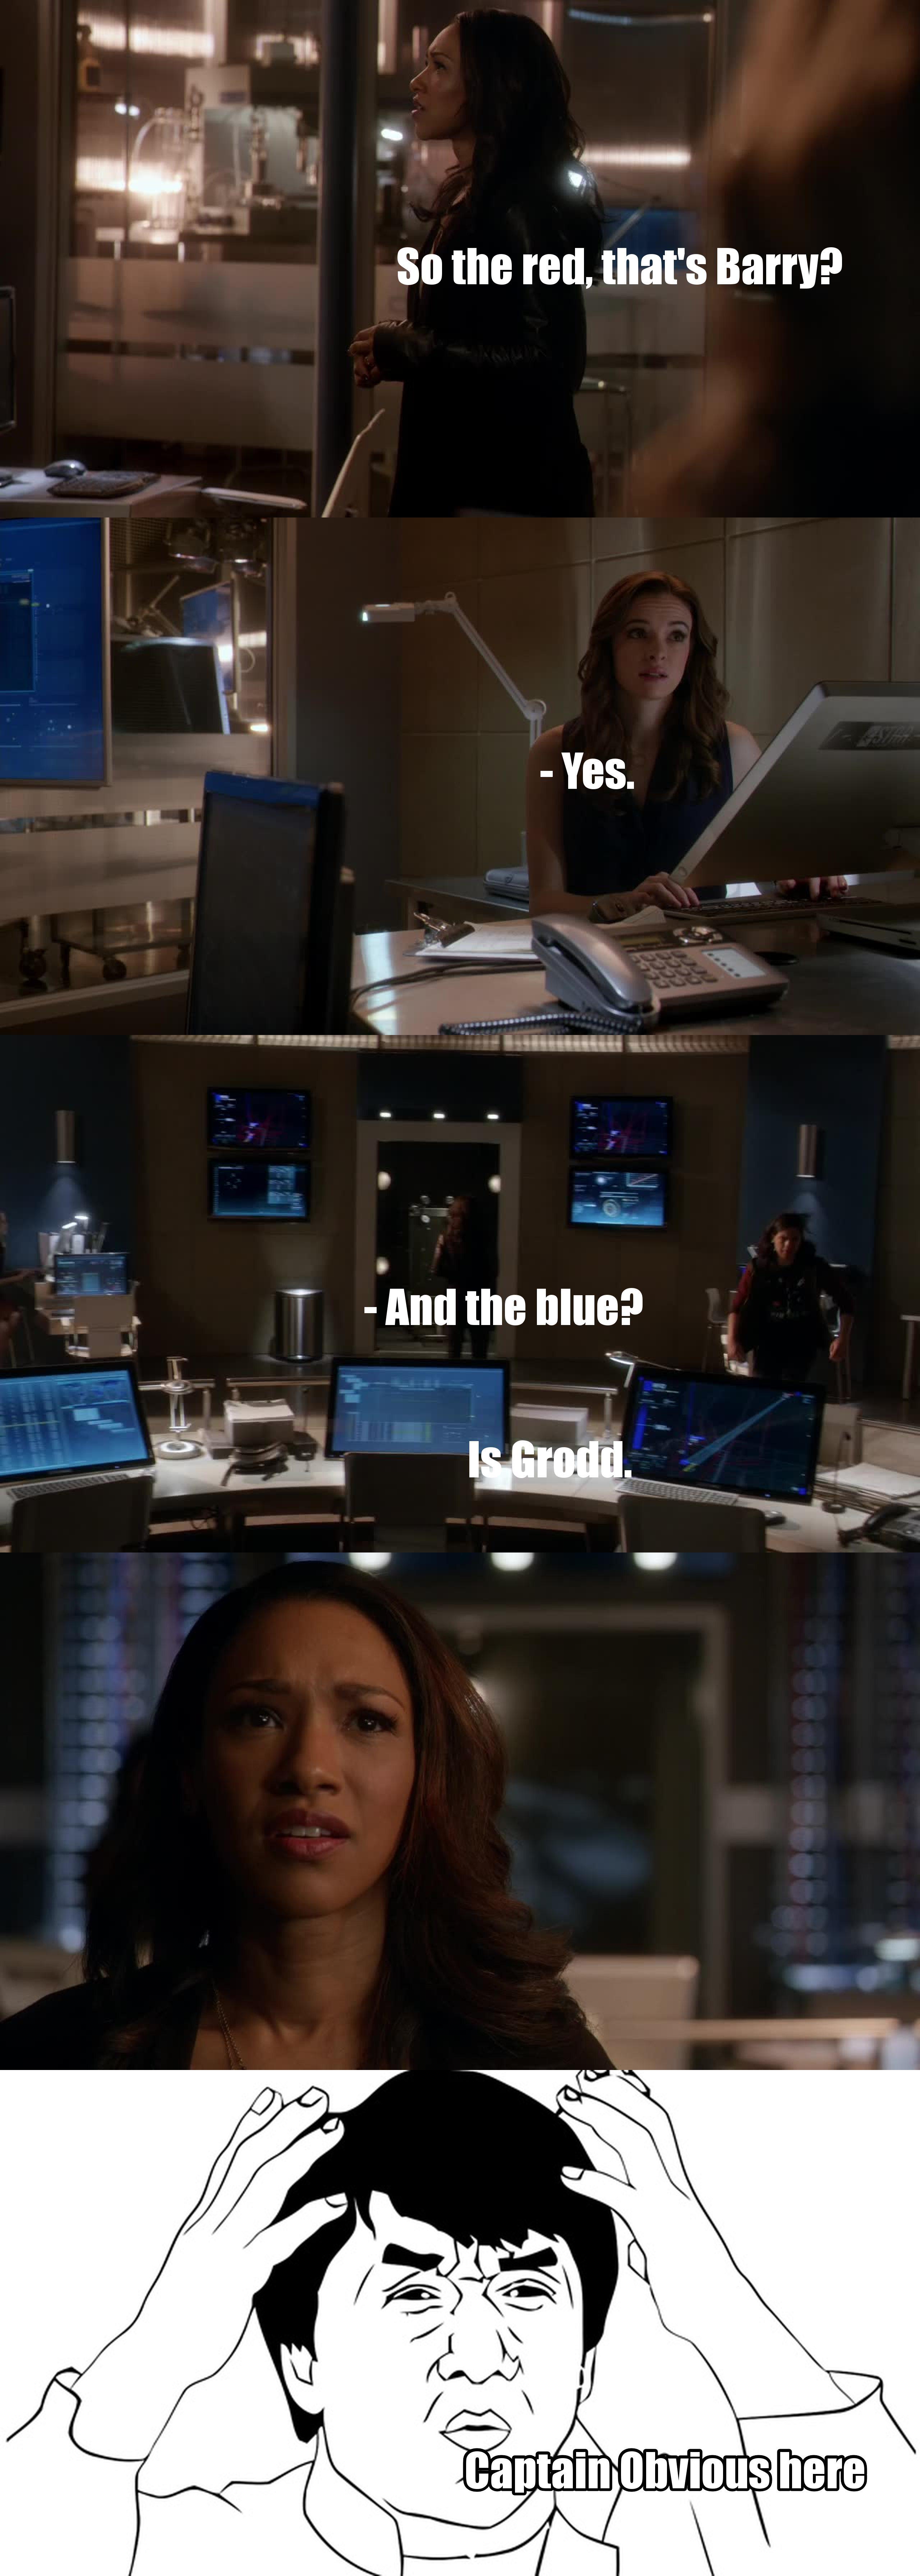 Iris, please